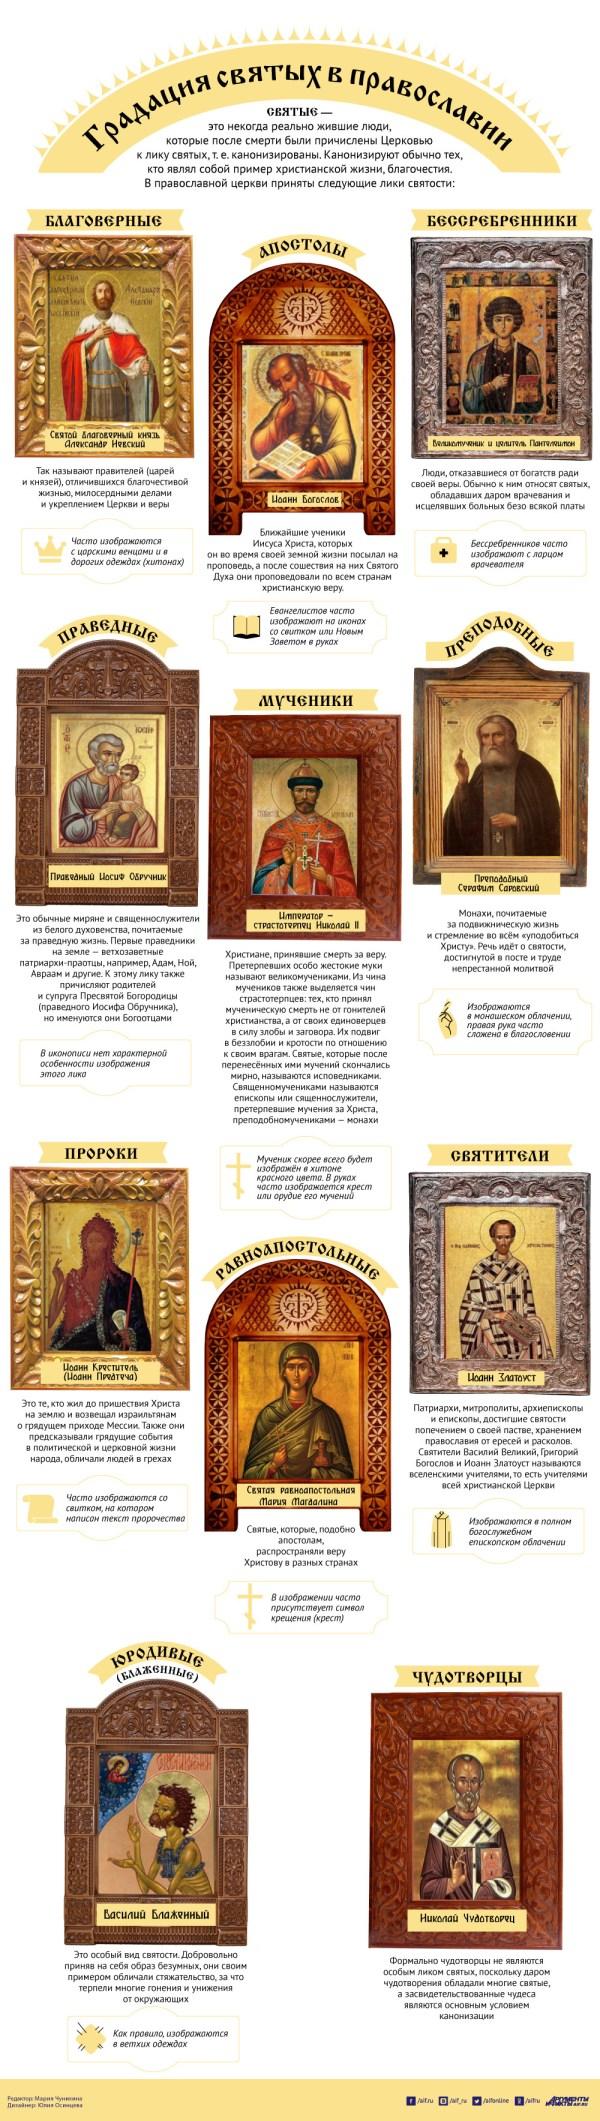 Градация святых в православии. Инфографика | Инфографика ...